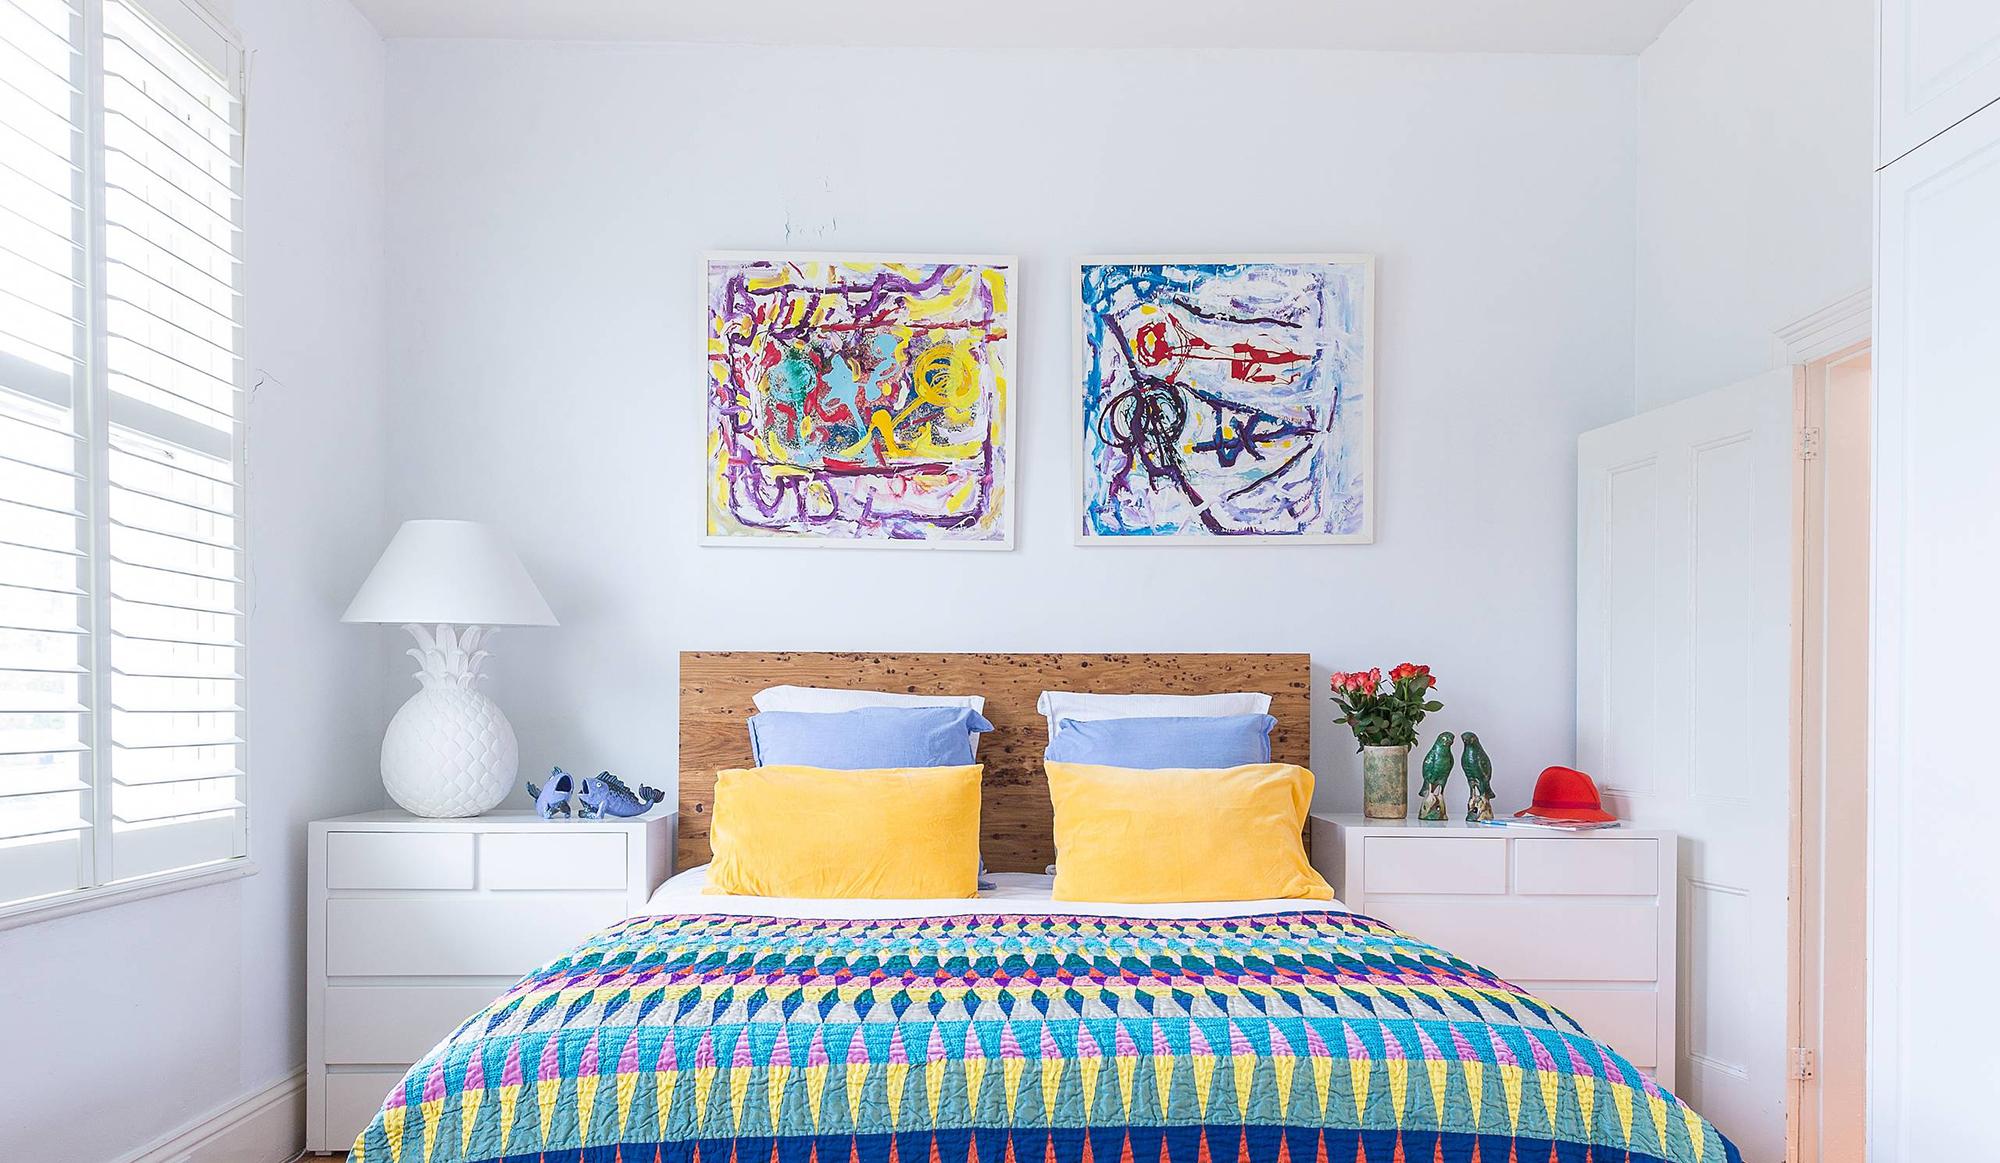 Абстрактные яркие картины над кроватью